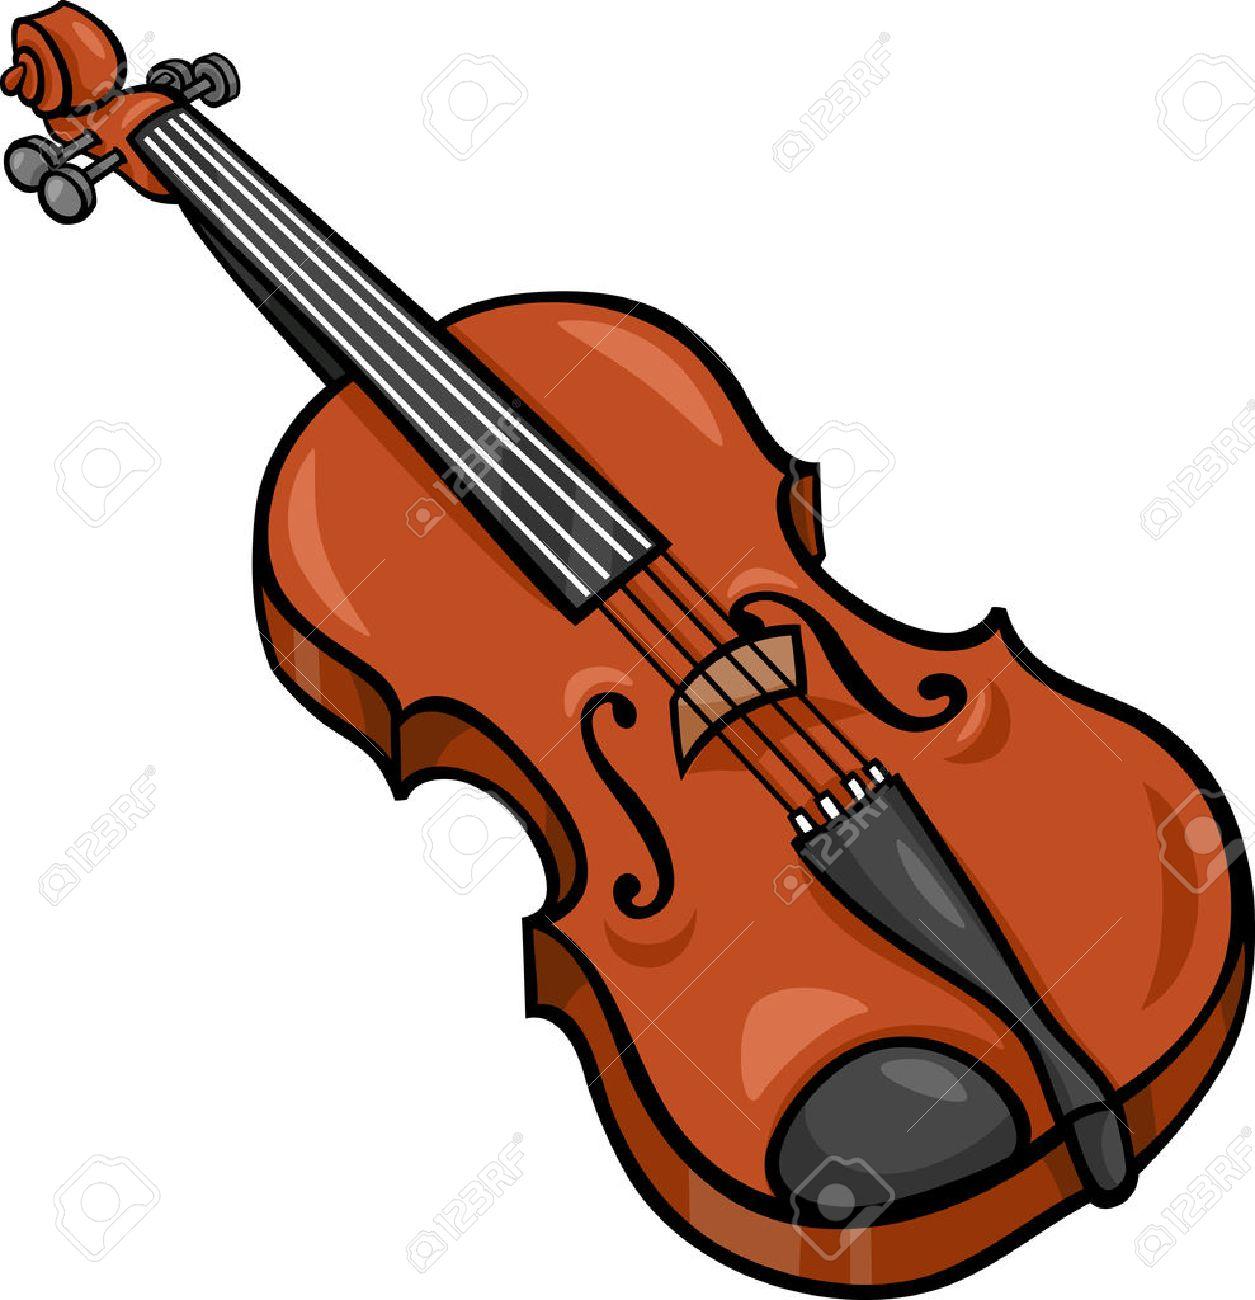 Cartoon Illustration of Violin Musical Instrument Clip Art.